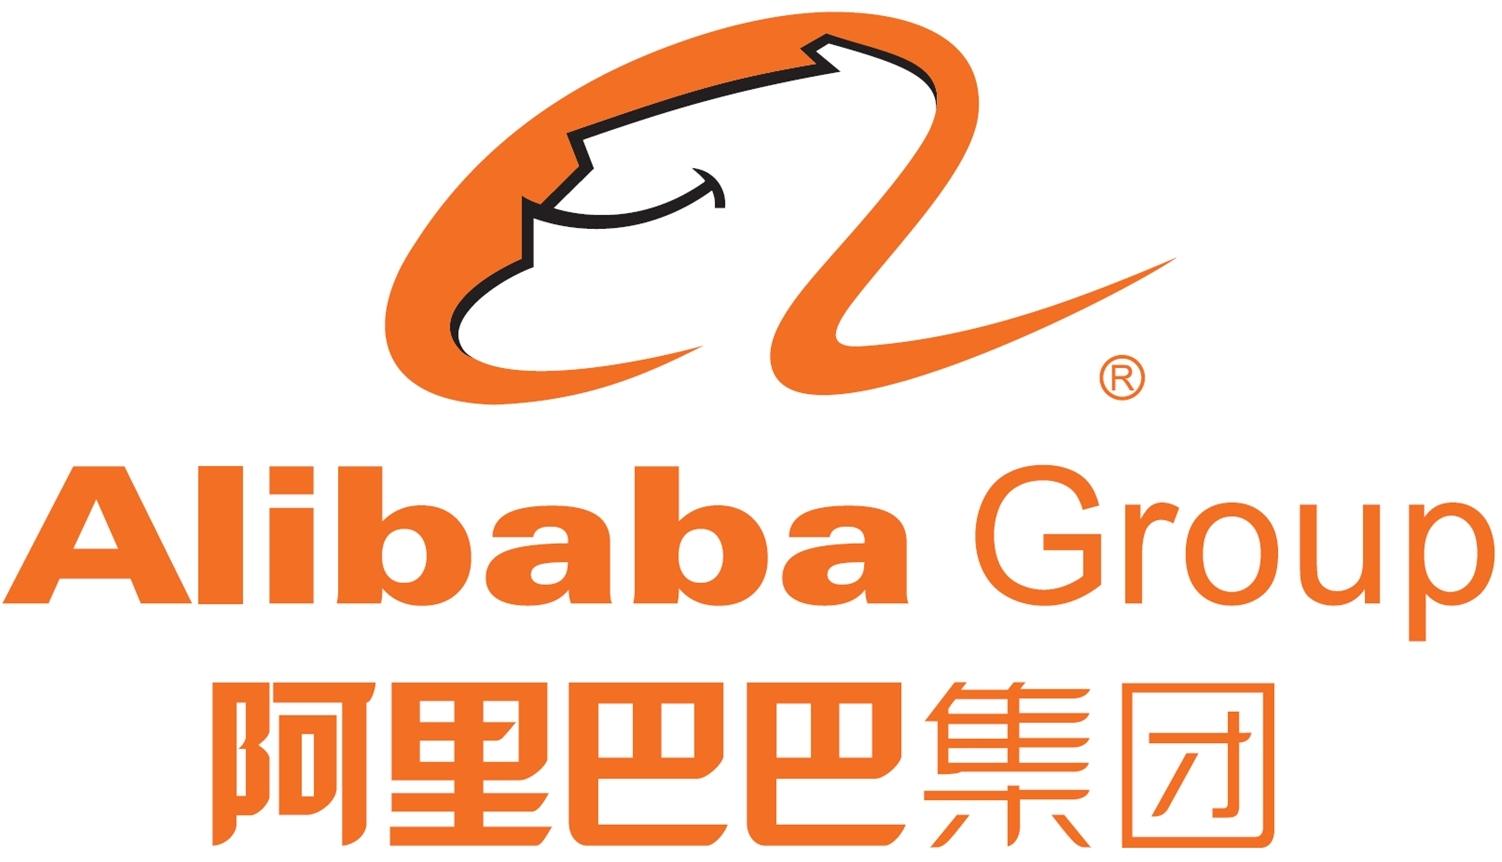 Alibaba Group Umumkan Laporan Keuangan Kuartal Maret dan Hasil Fiskal 2018